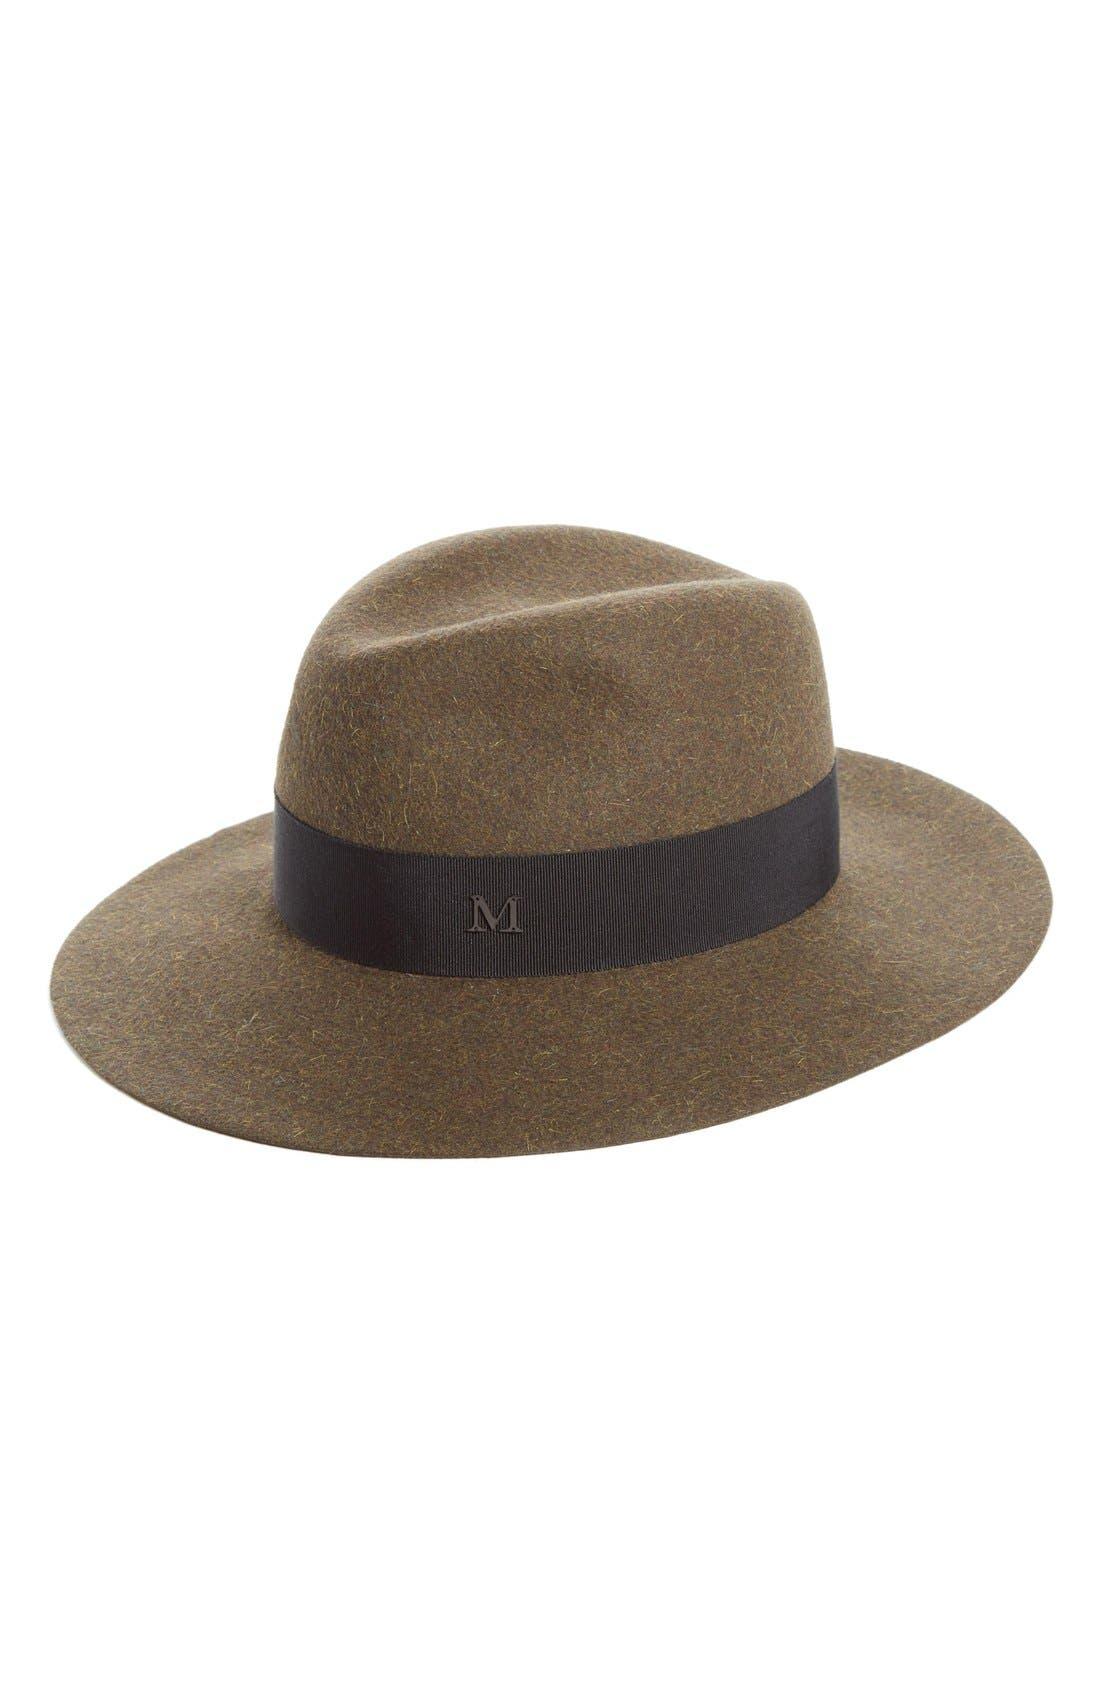 MAISON MICHEL Henrietta Genuine Fur Felt Hat